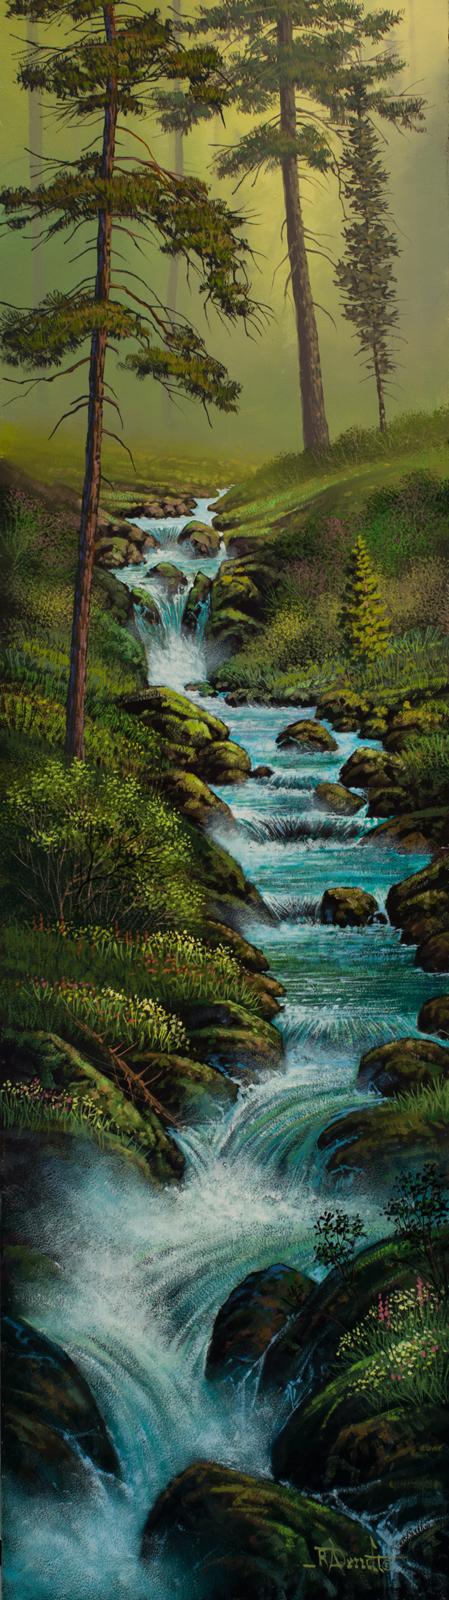 Woodland Steps - Roger Arndt